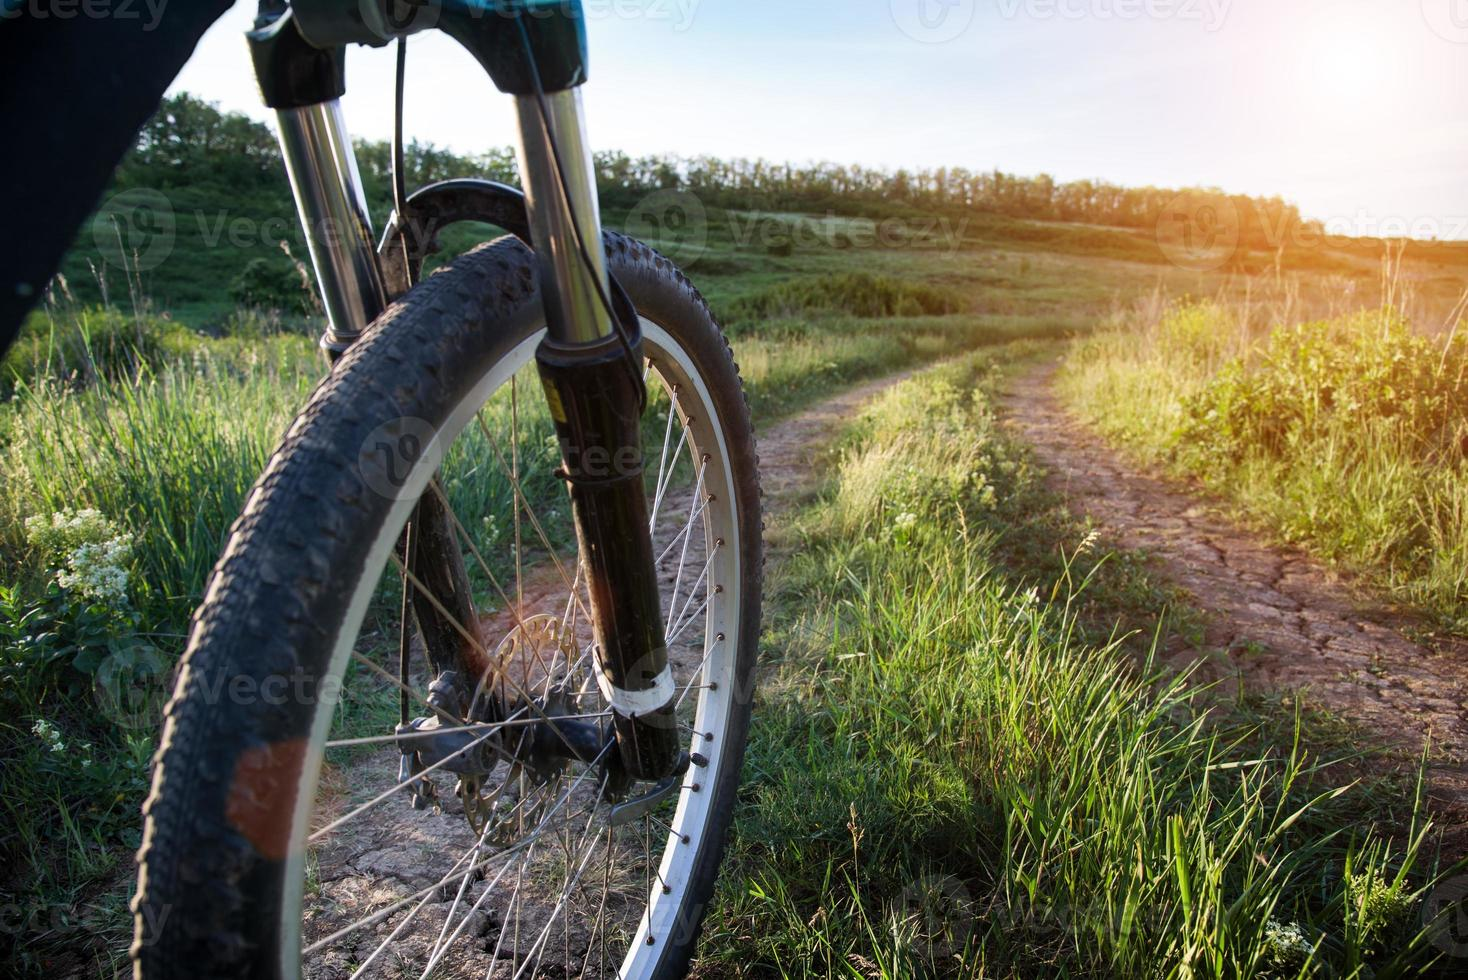 andar de bicicleta no verão foto